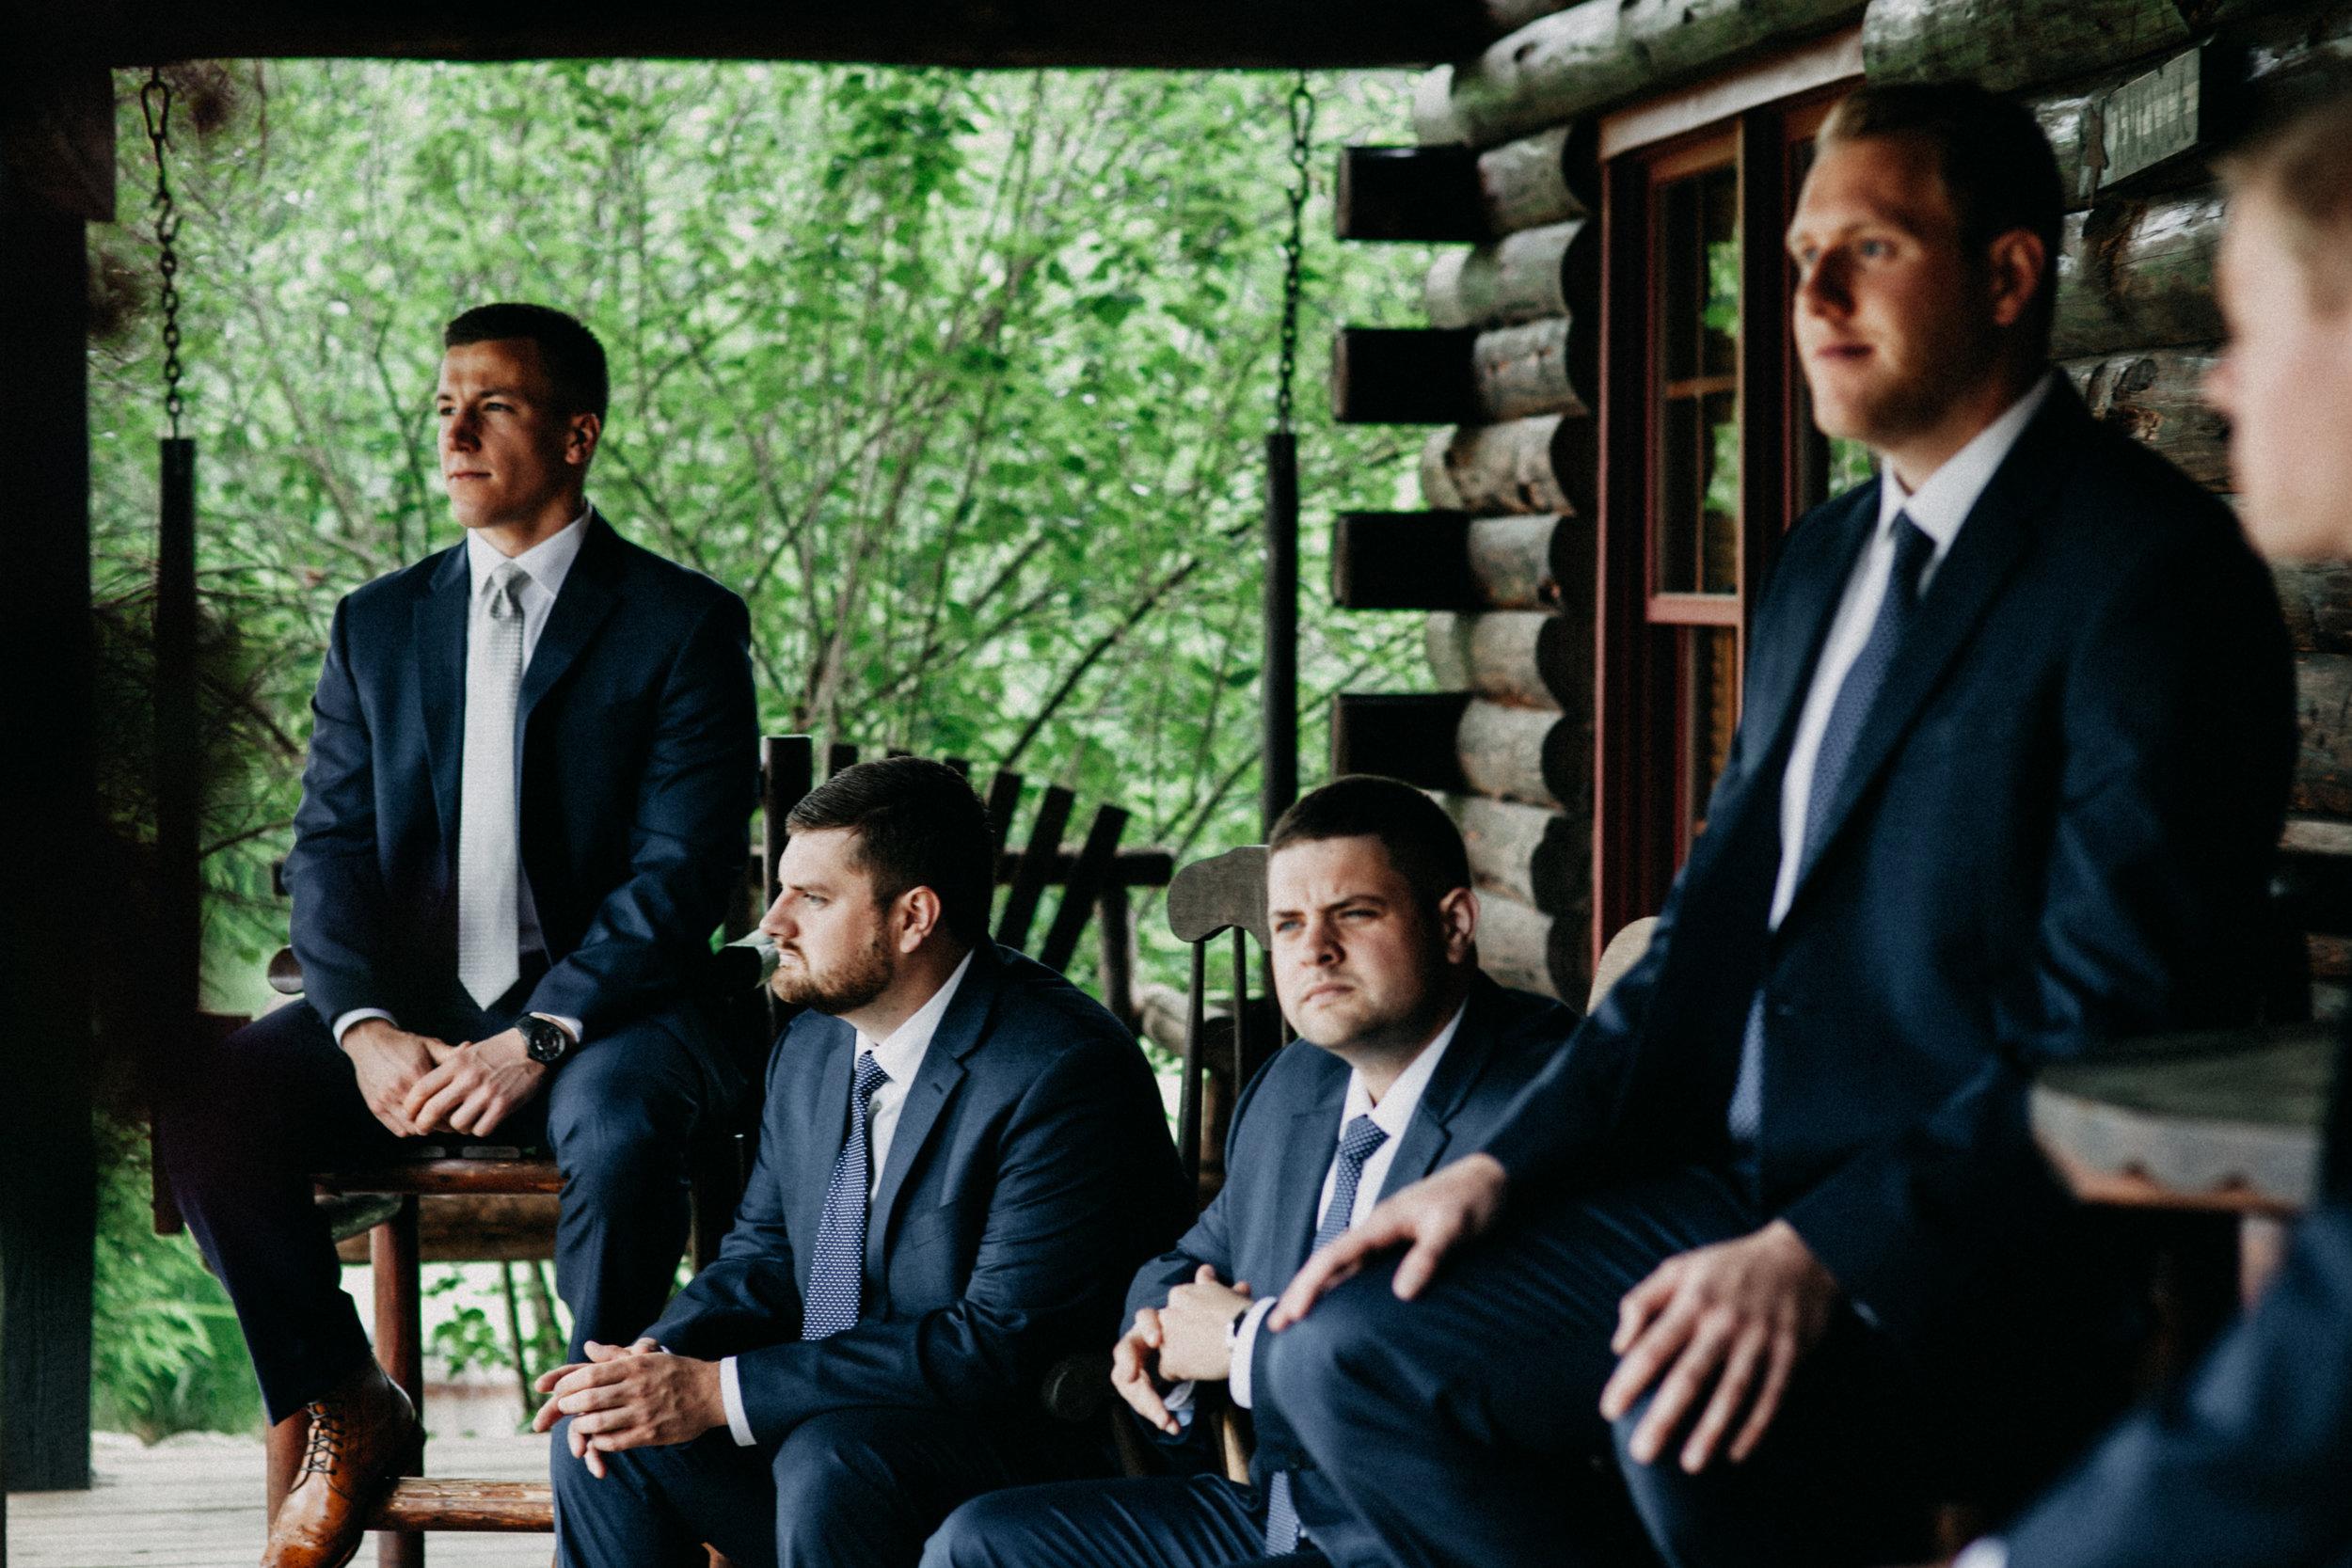 bauer wedding-2-8.jpg